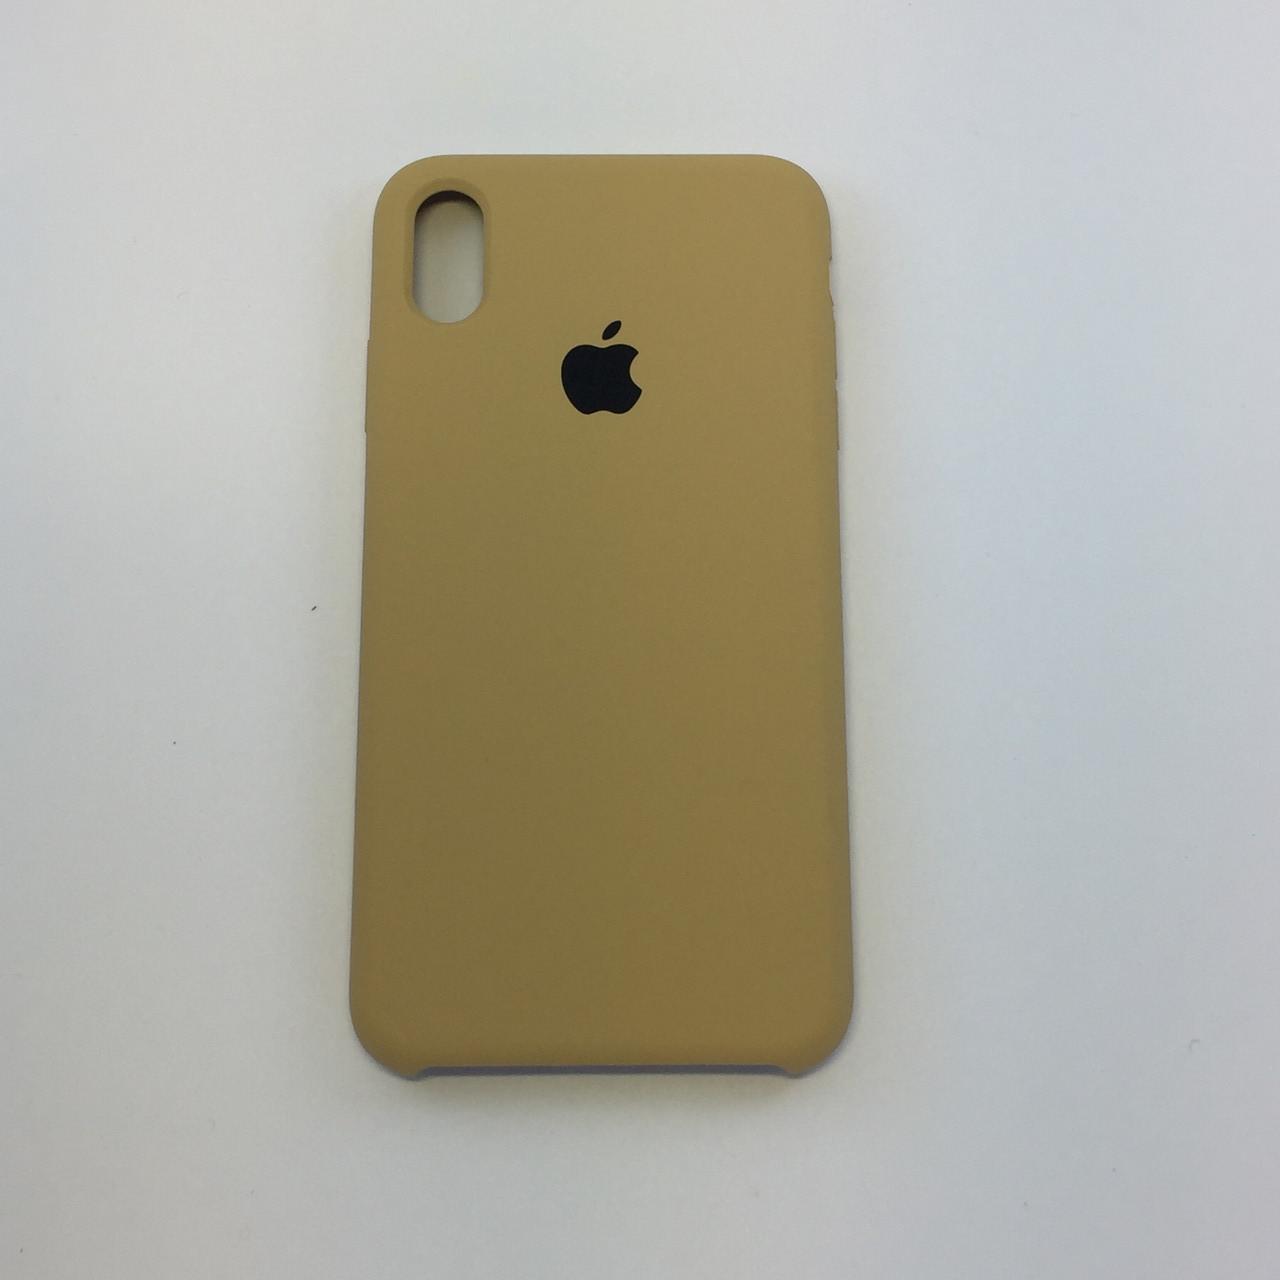 Силиконовый чехол для iPhone X, - «gold» - copy original